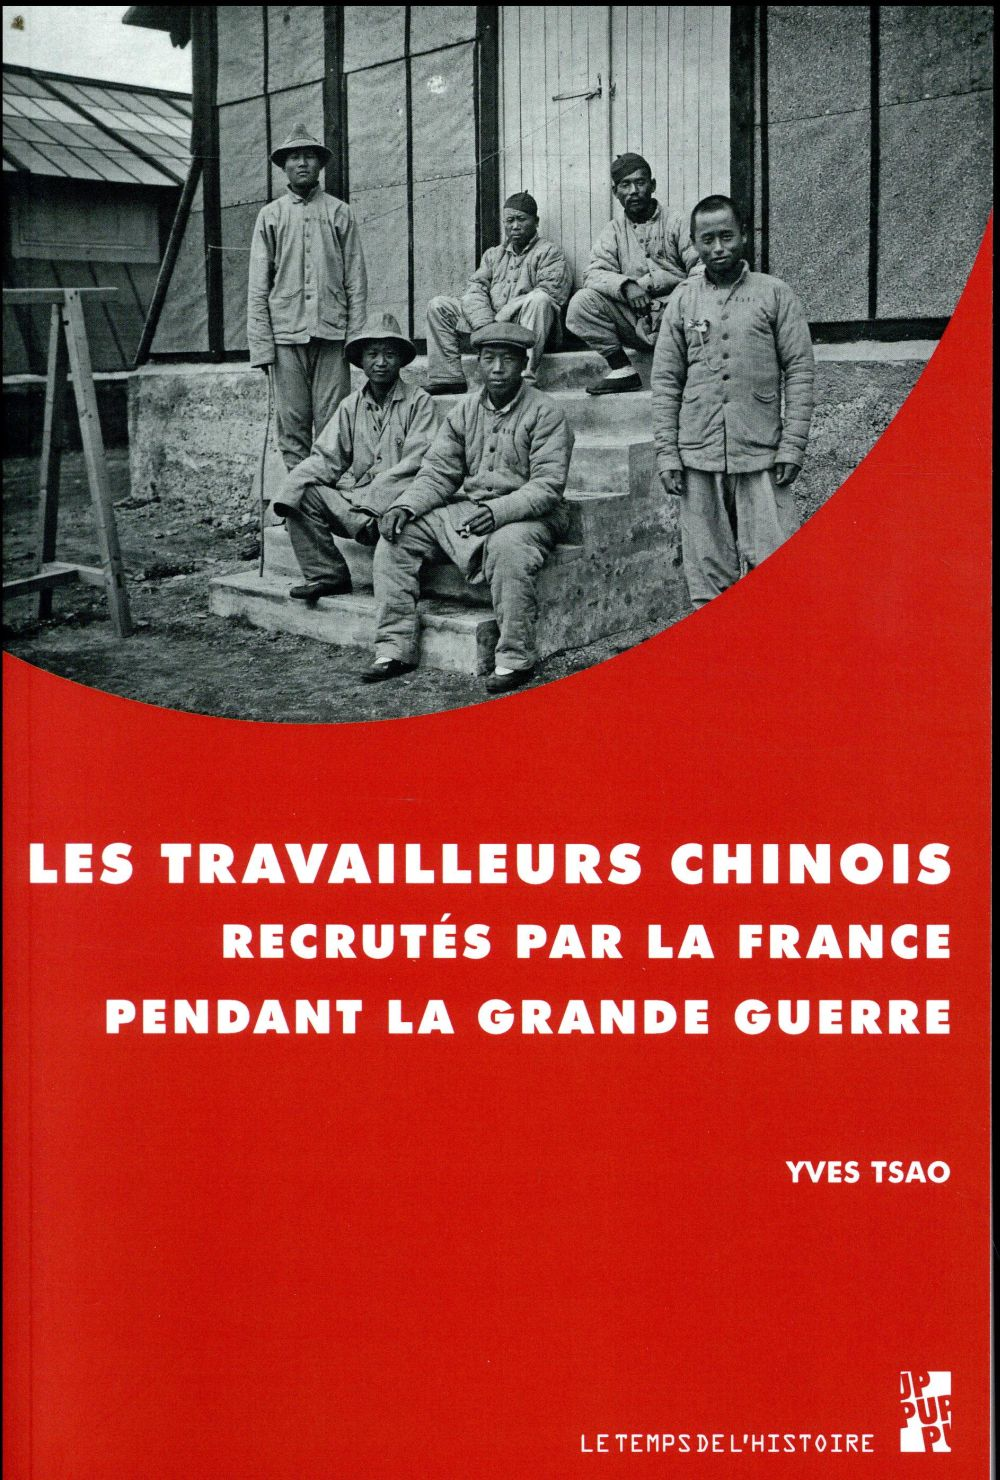 LES TRAVAILLEURS CHINOIS RECRUTES PAR LA FRANCE PENDANT LA GRANE GUERRE